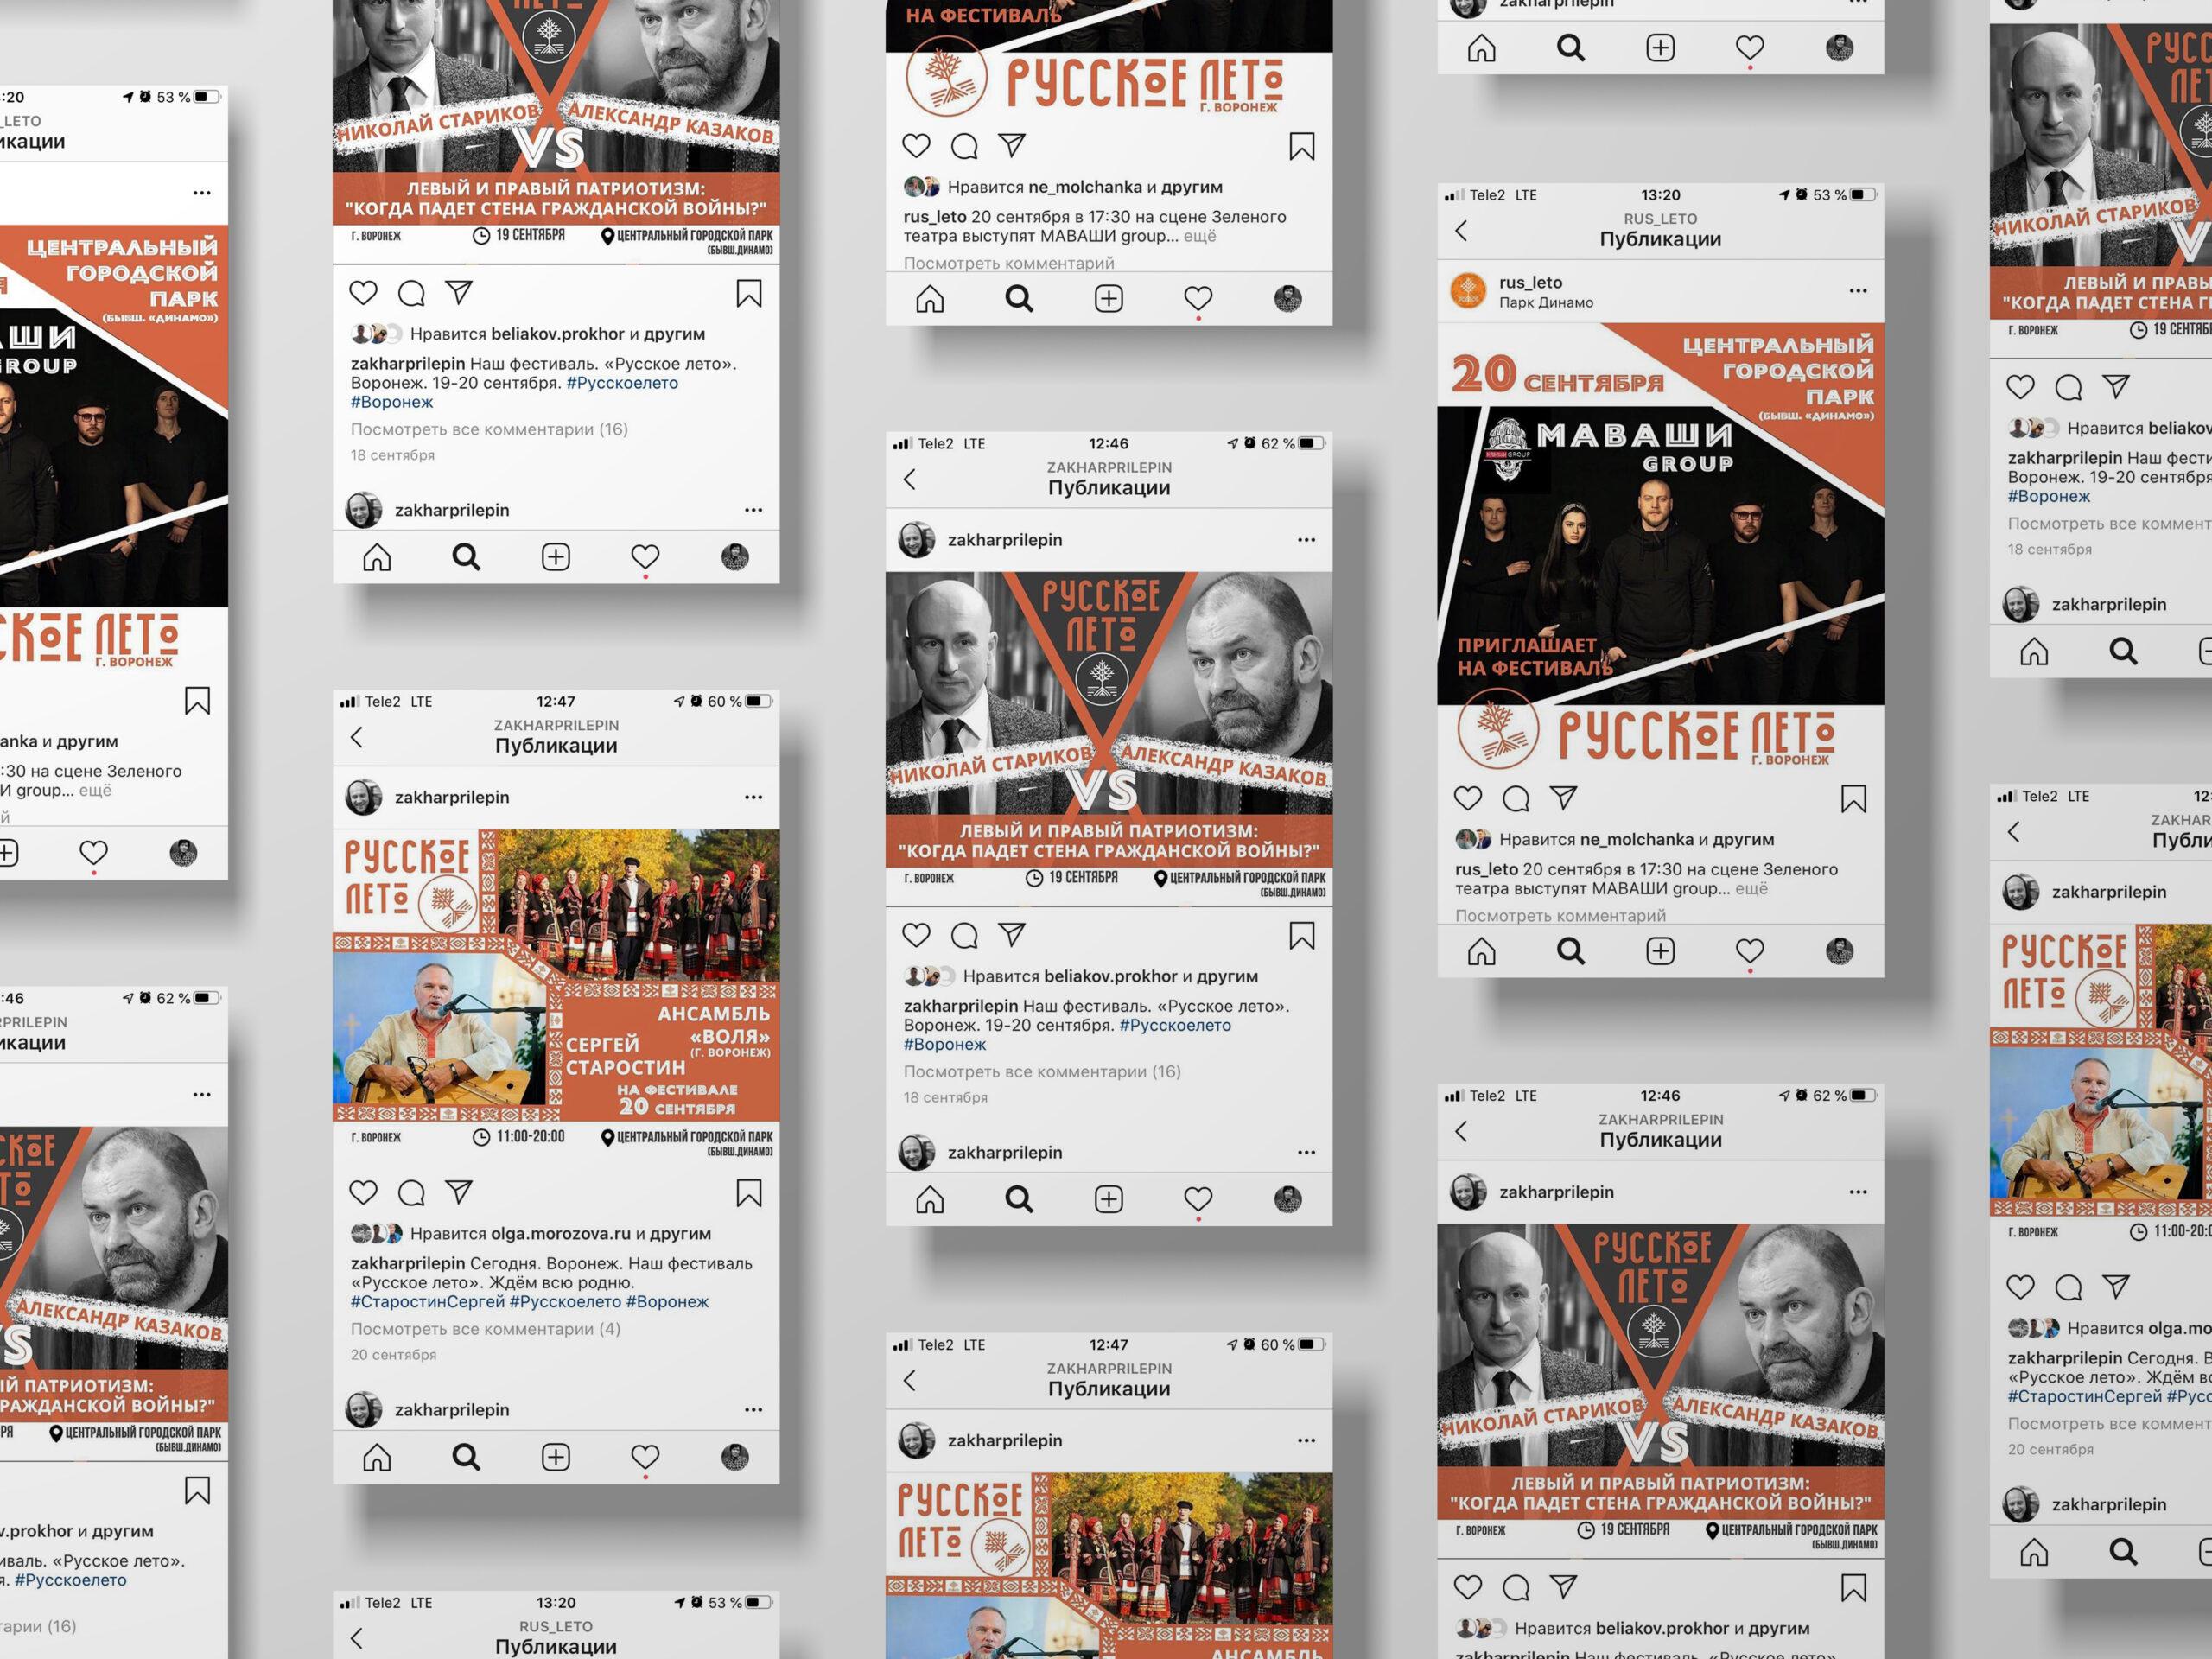 Дизайн-макет для оформления постов в соц.сетях